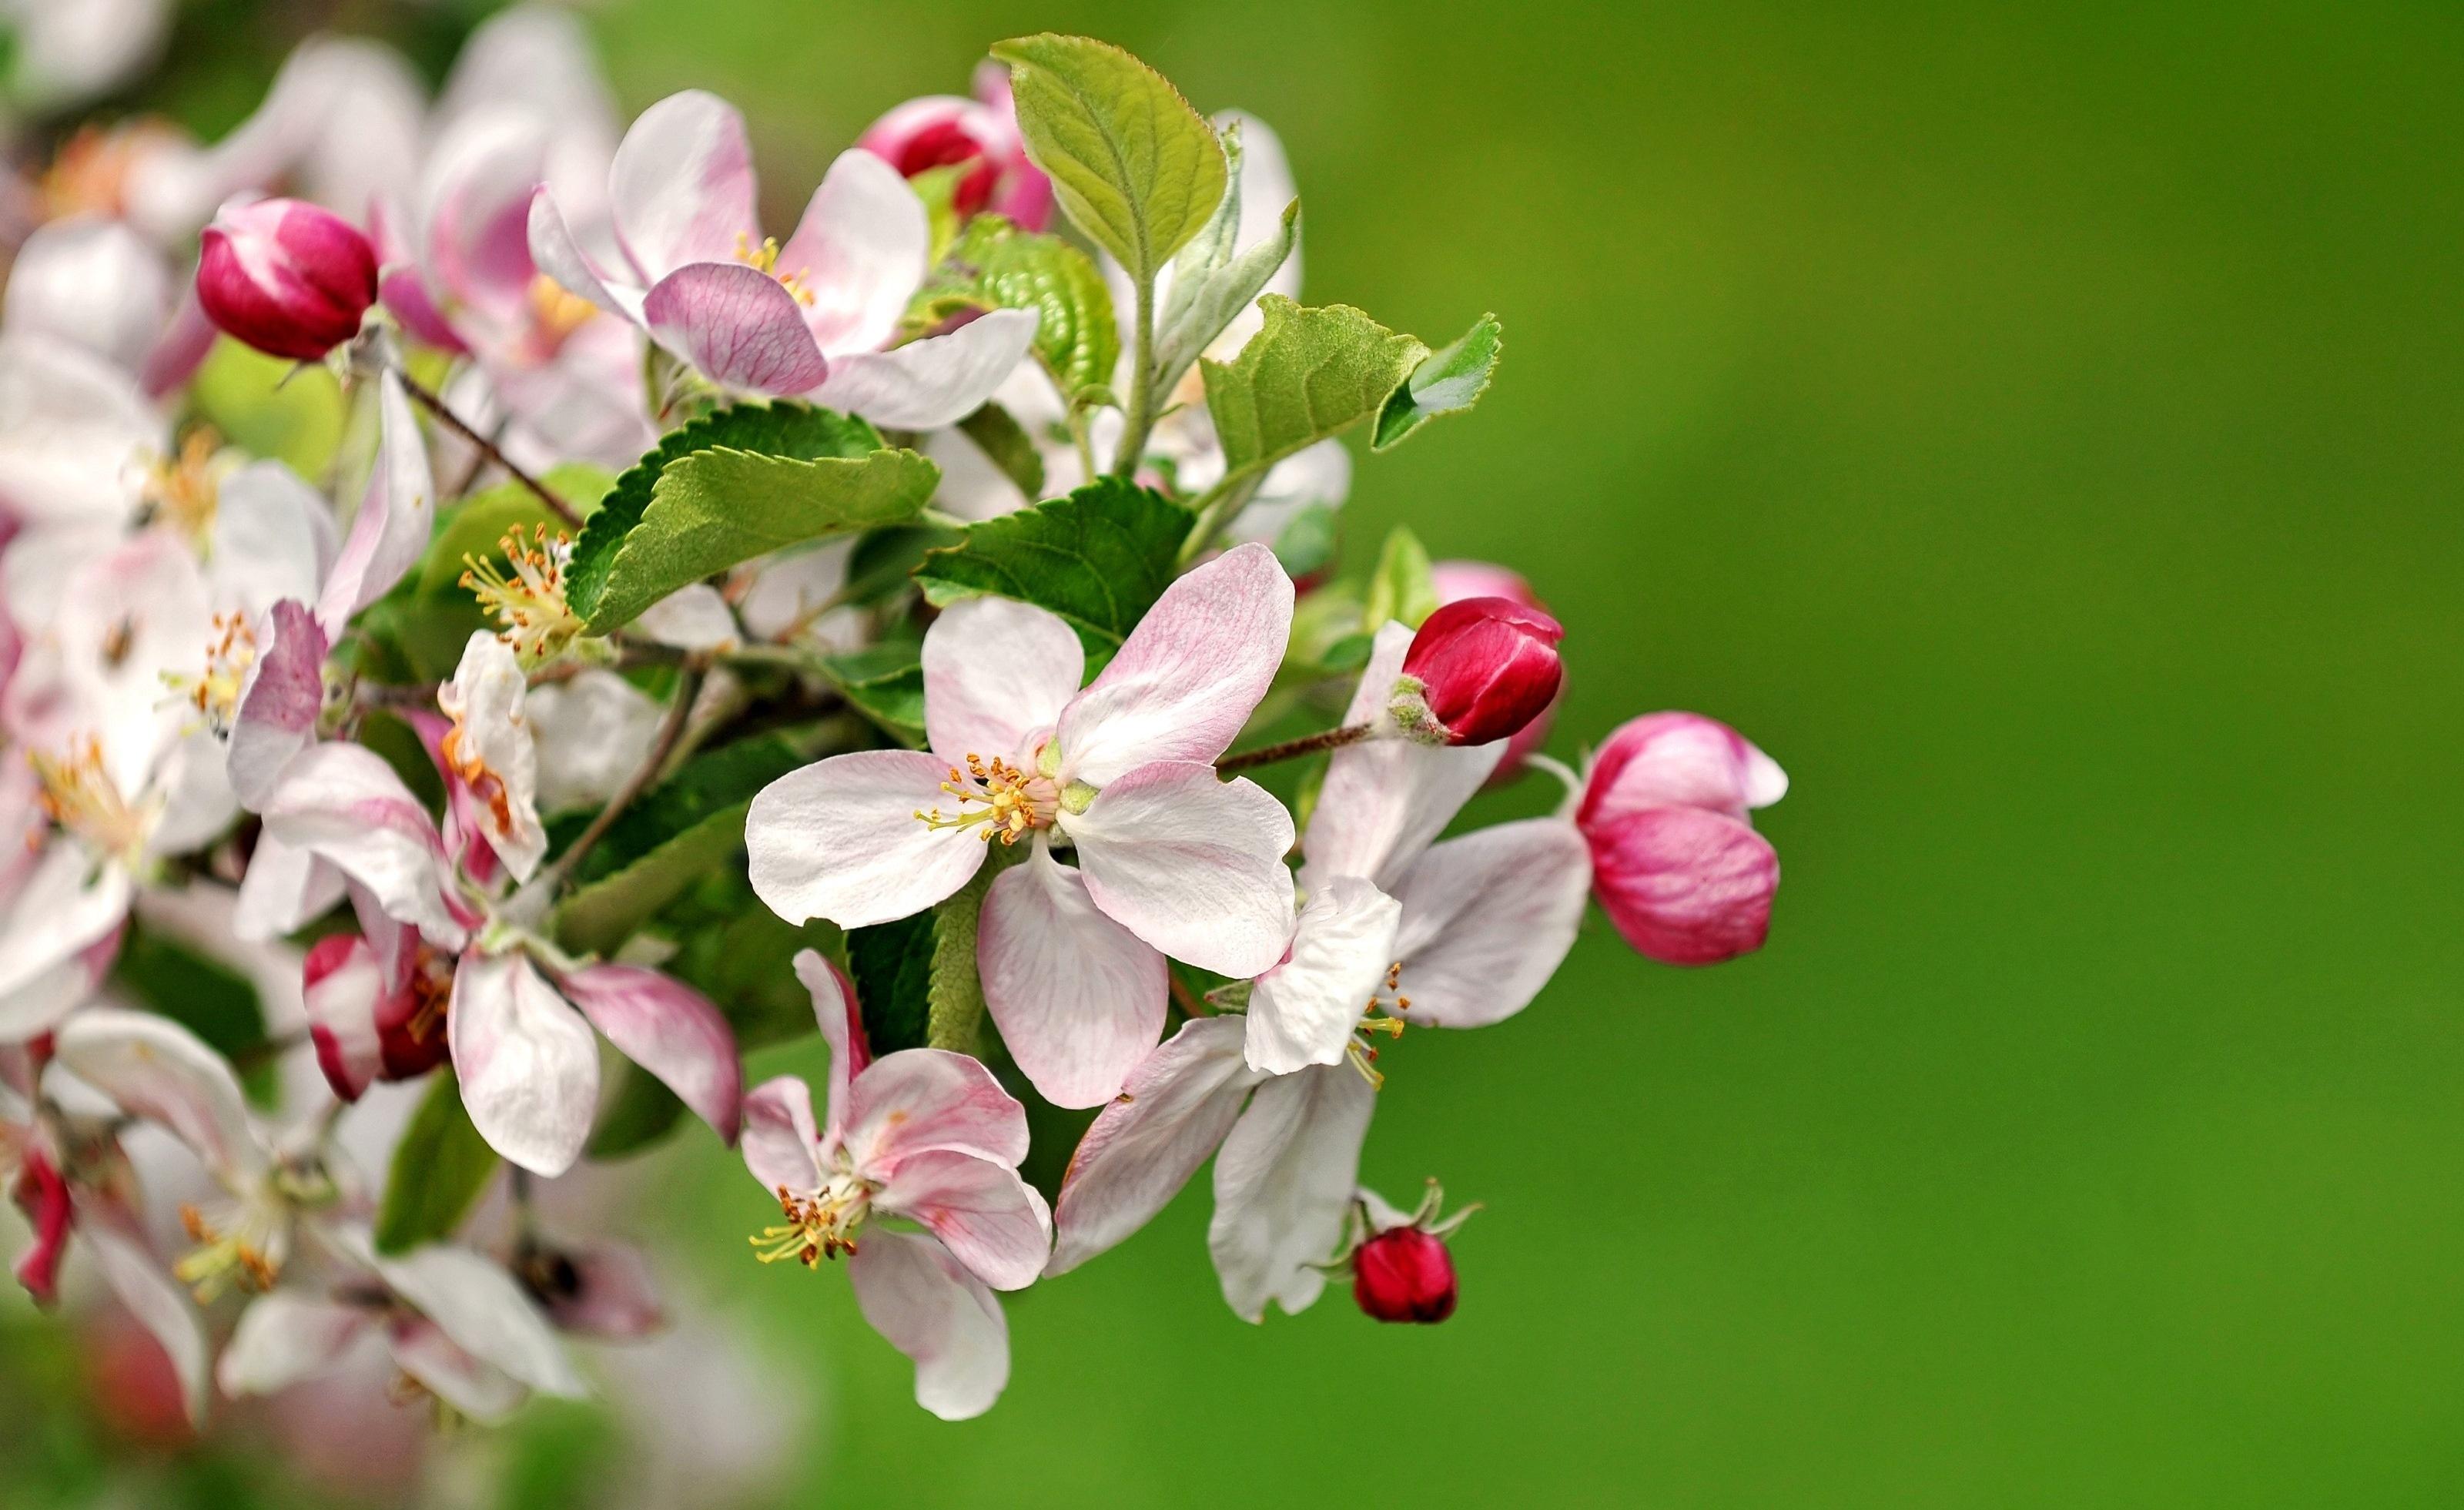 Цветущая яблоня картинки большой размер, картинки